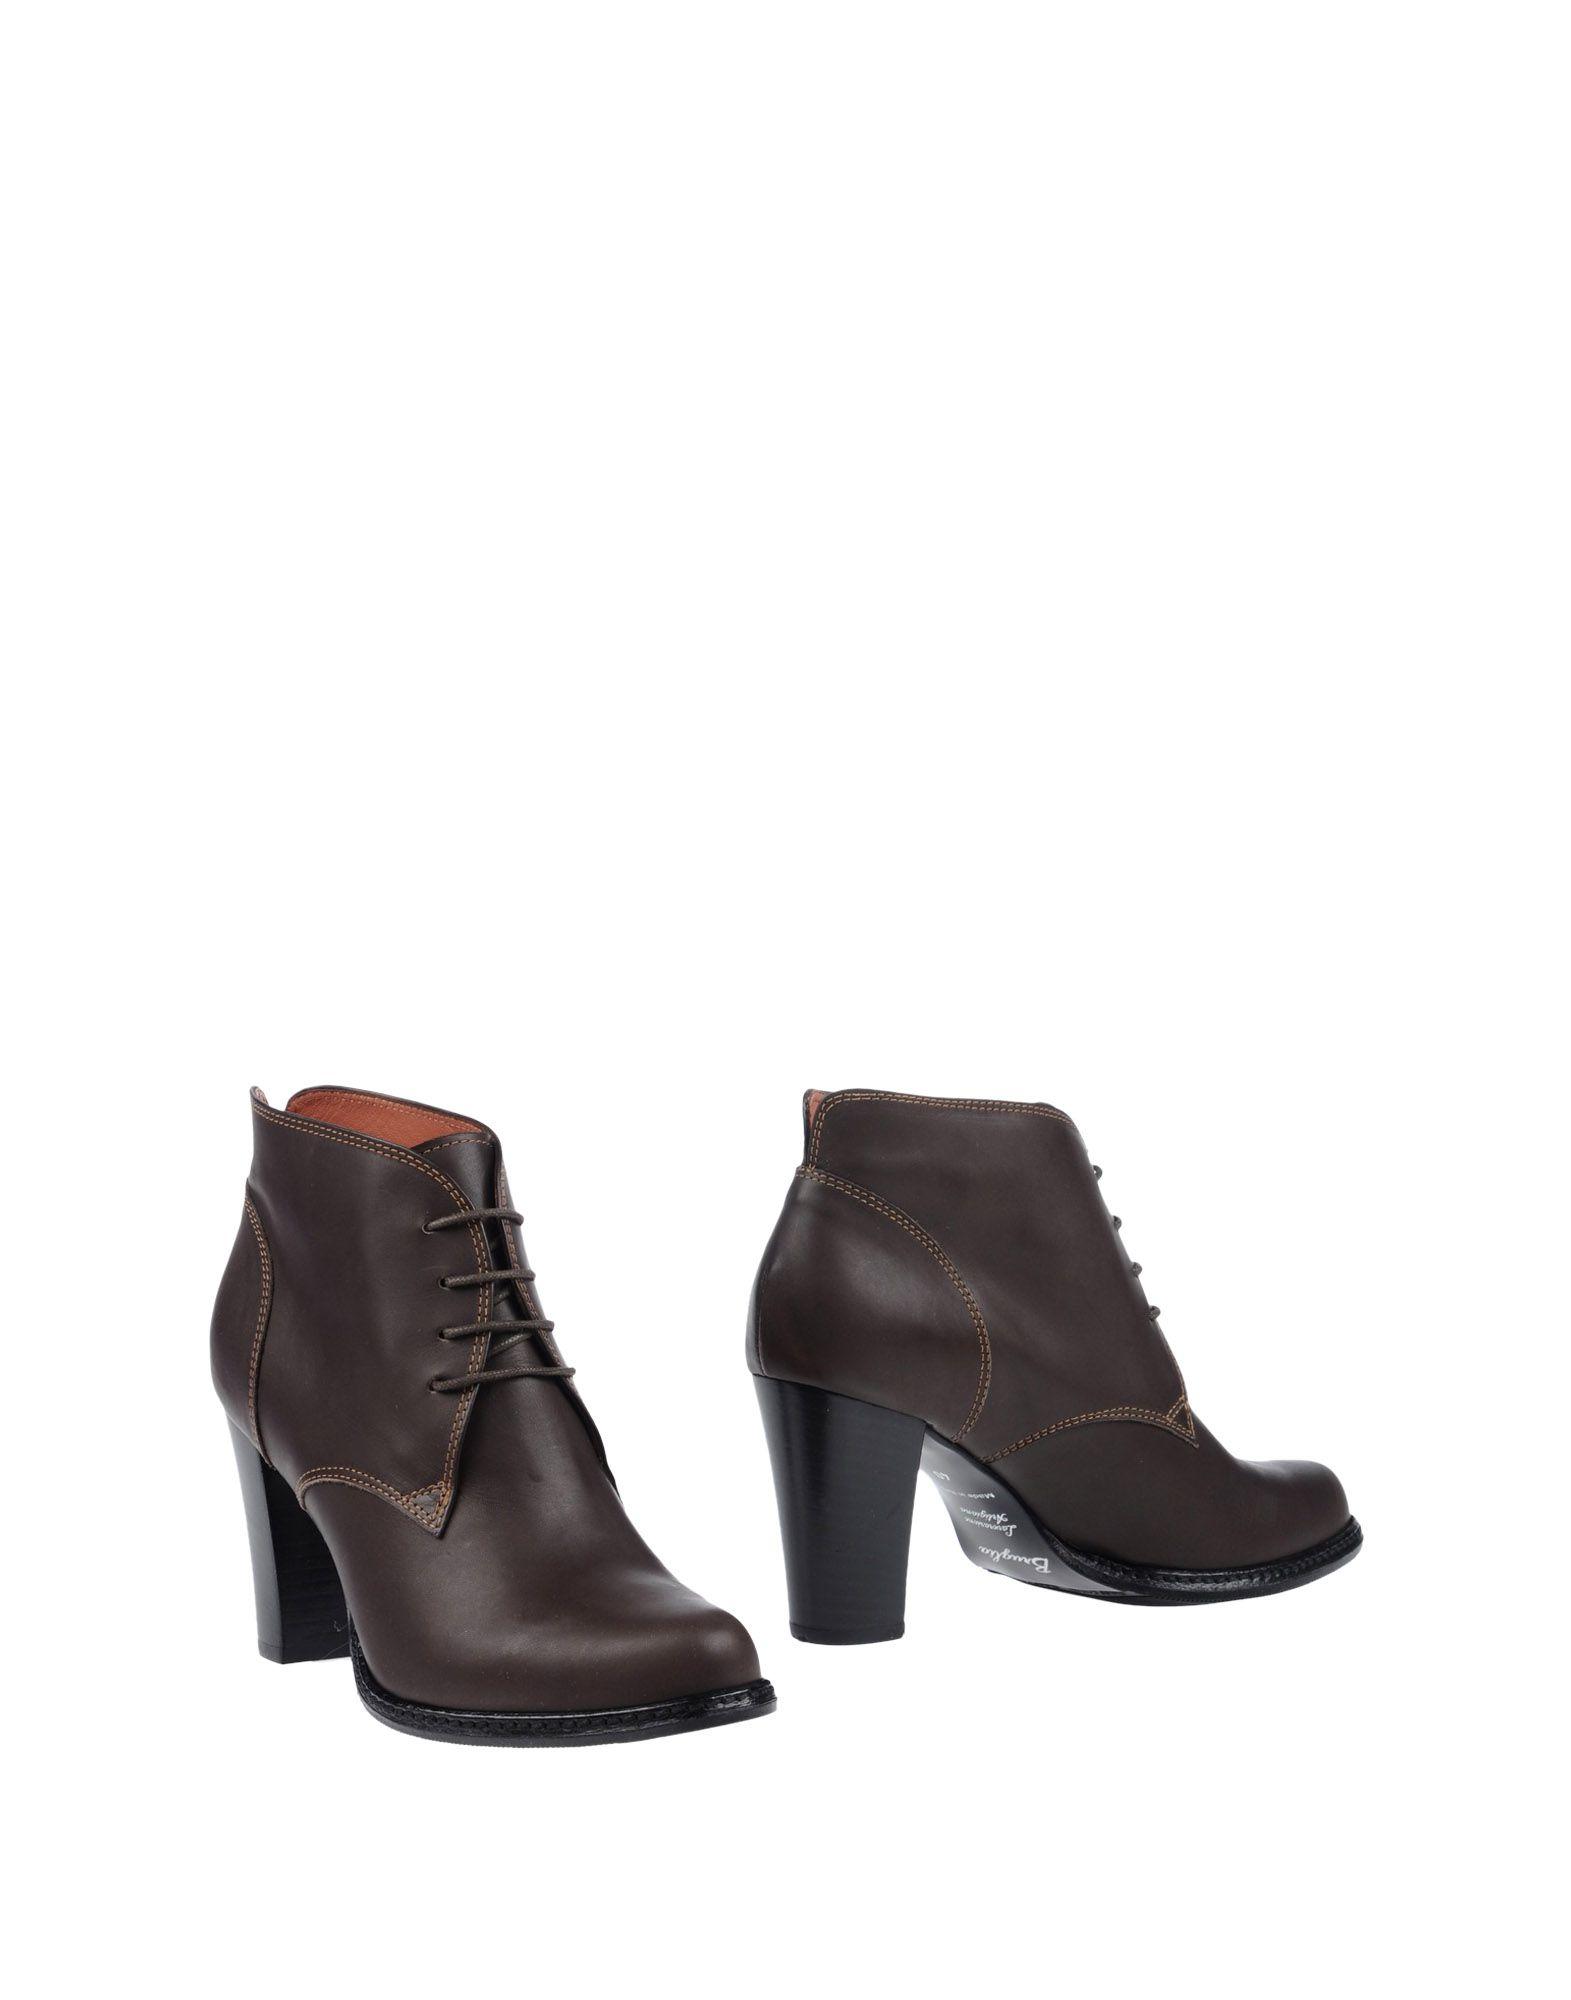 F.Lli Bruglia Ankle Boot - Women online F.Lli Bruglia Ankle Boots online Women on  United Kingdom - 11249384IG 17375b